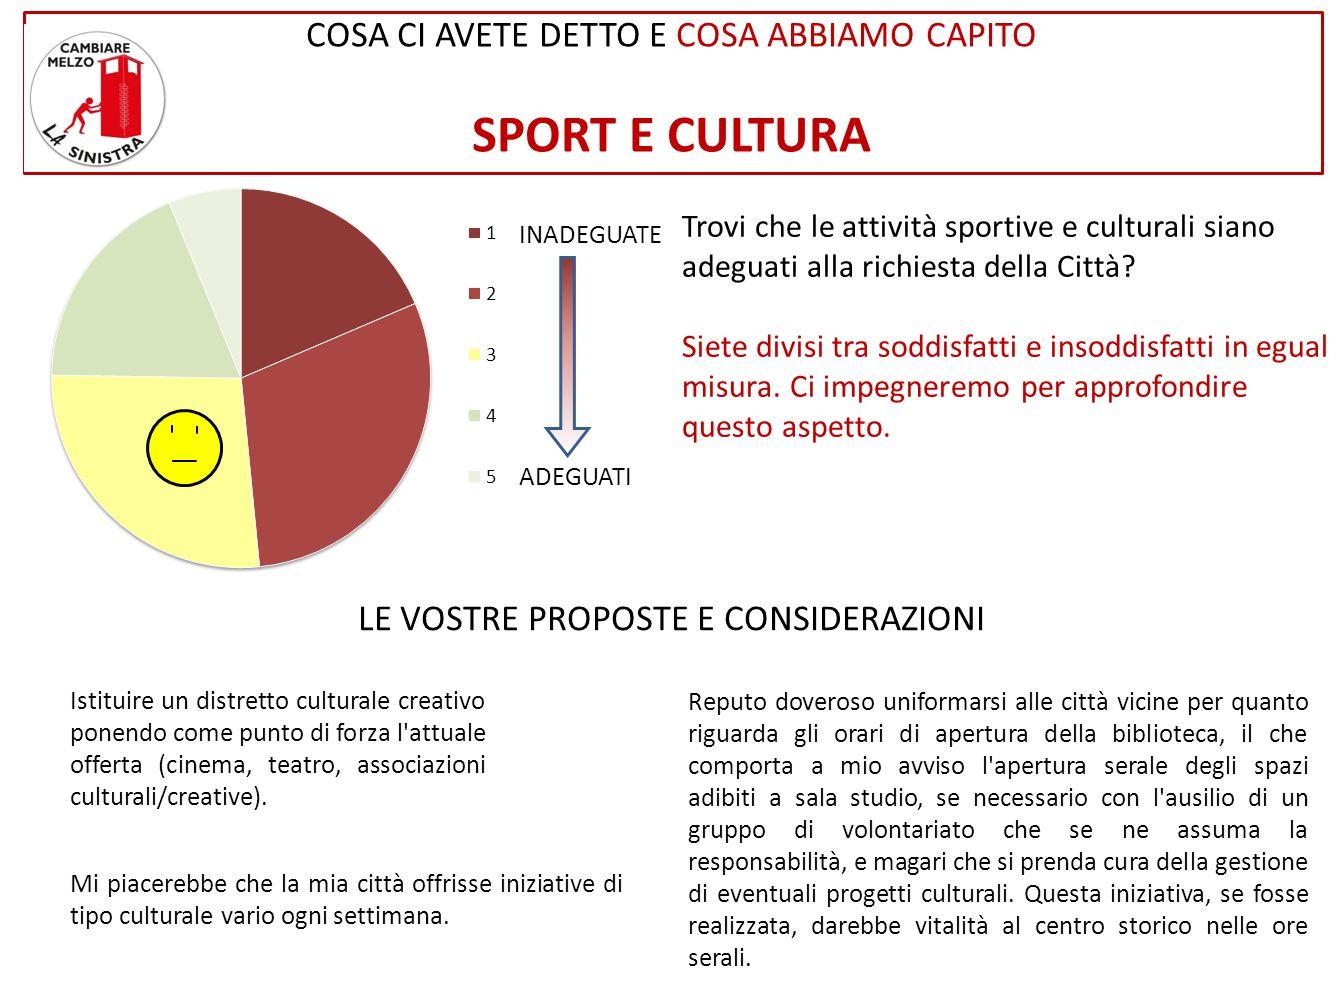 Trovi che le attività sportive e culturali siano adeguati alla richiesta della Città.